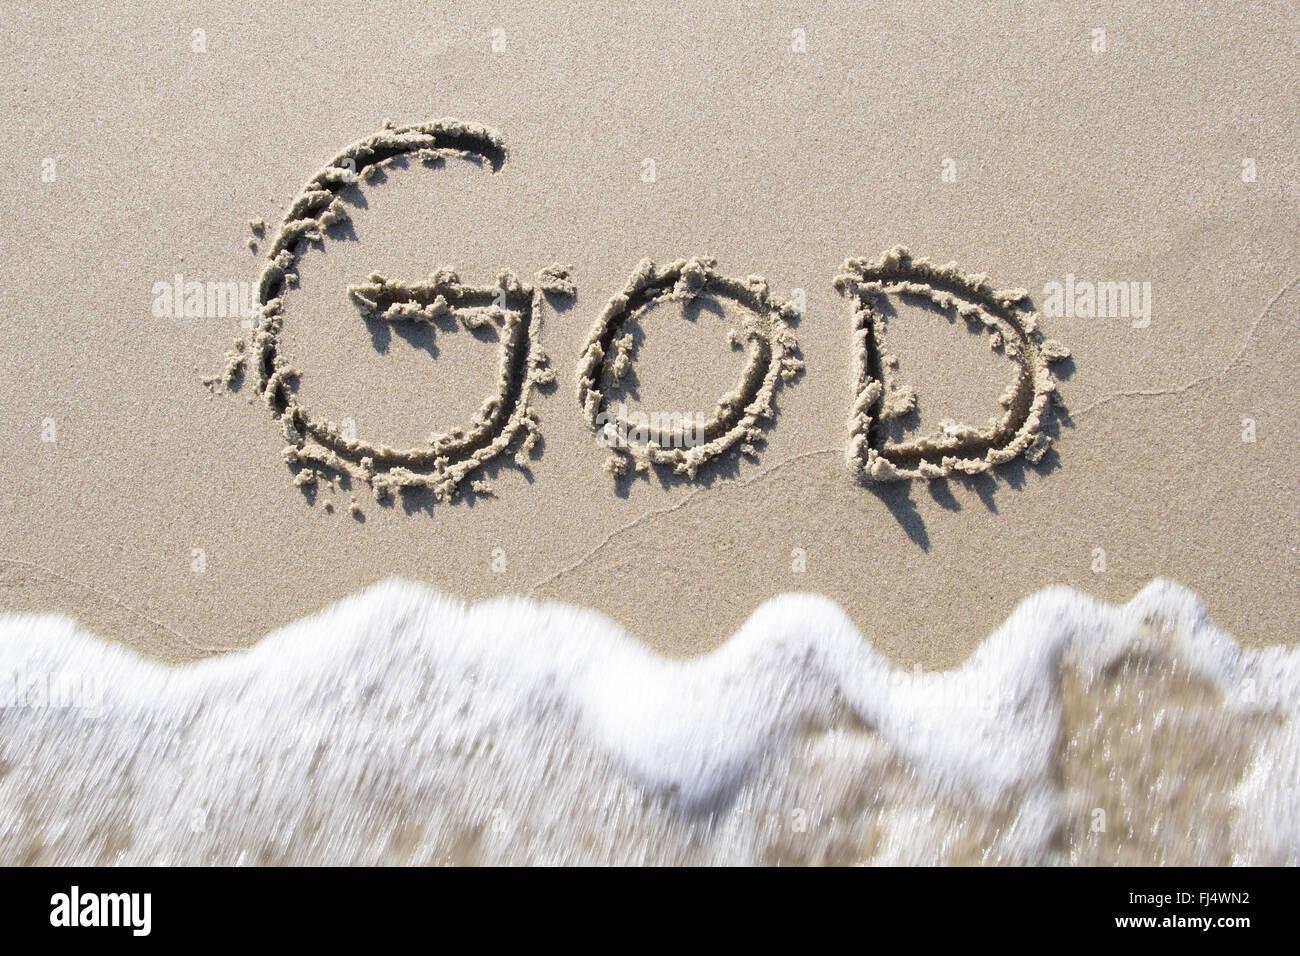 'God' written in sand - Stock Image